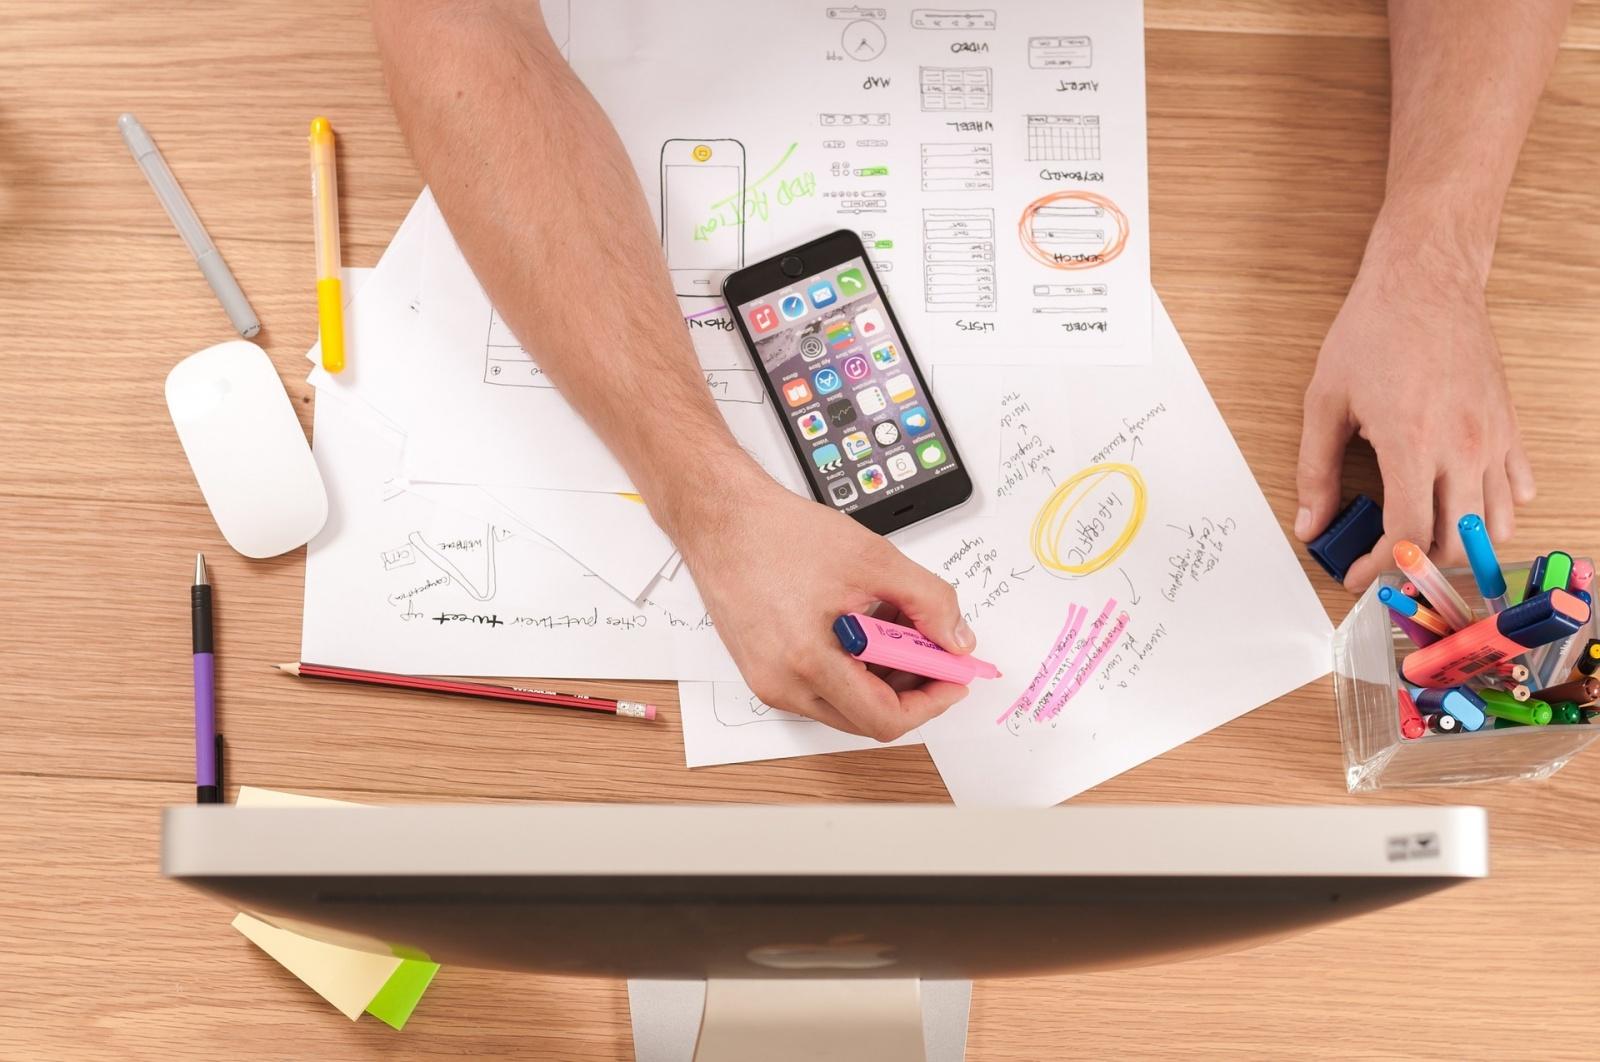 Инструменты, необхоодимые разработчику для маркетинга приложений - 1